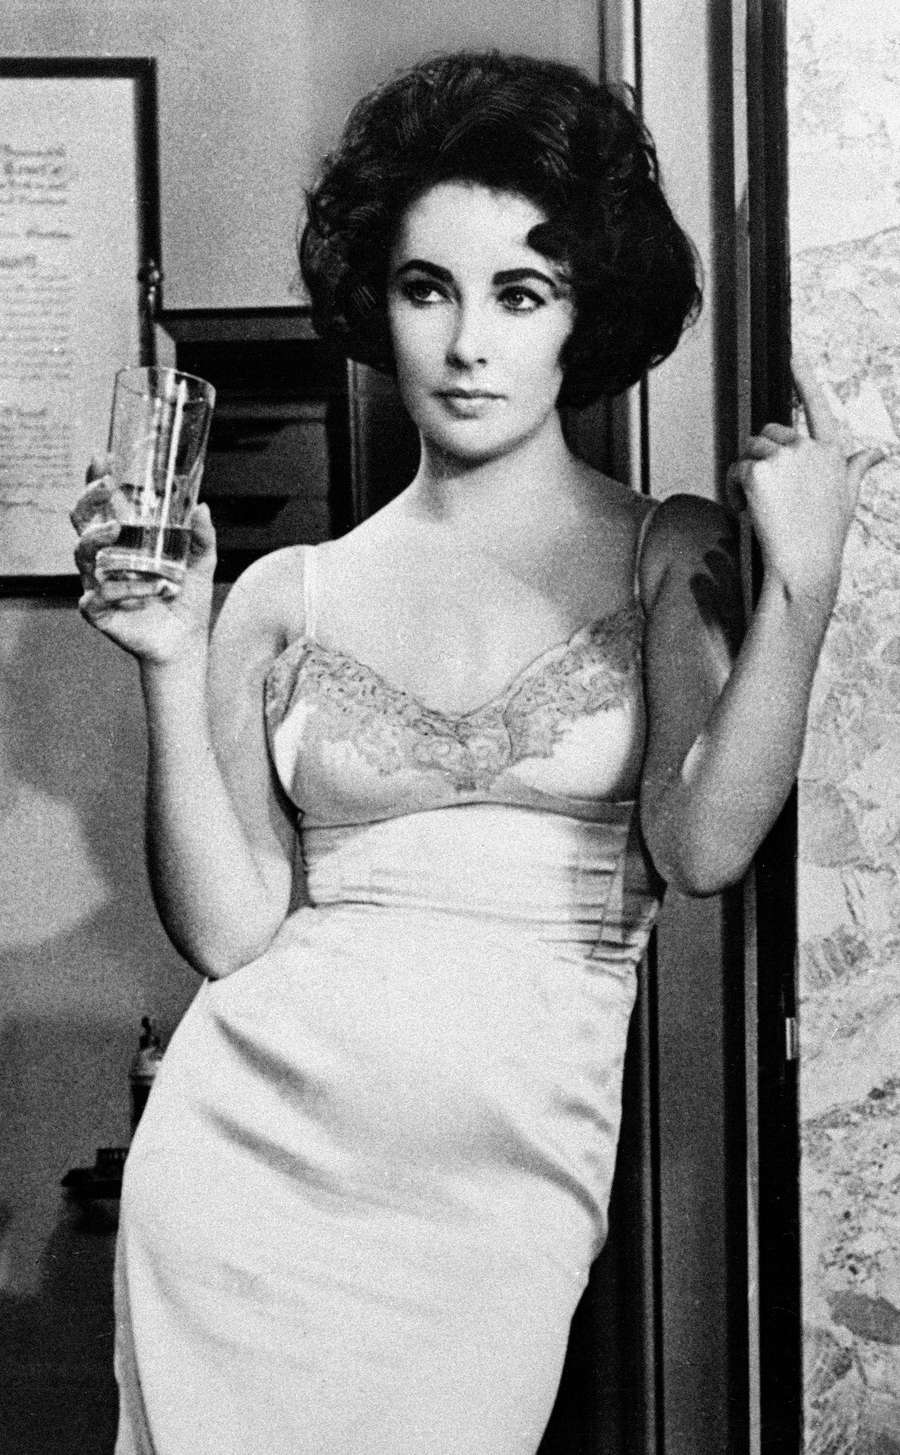 Elizabeth Taylor in BUtterfield 8 in 1961. (AP Photo/File)